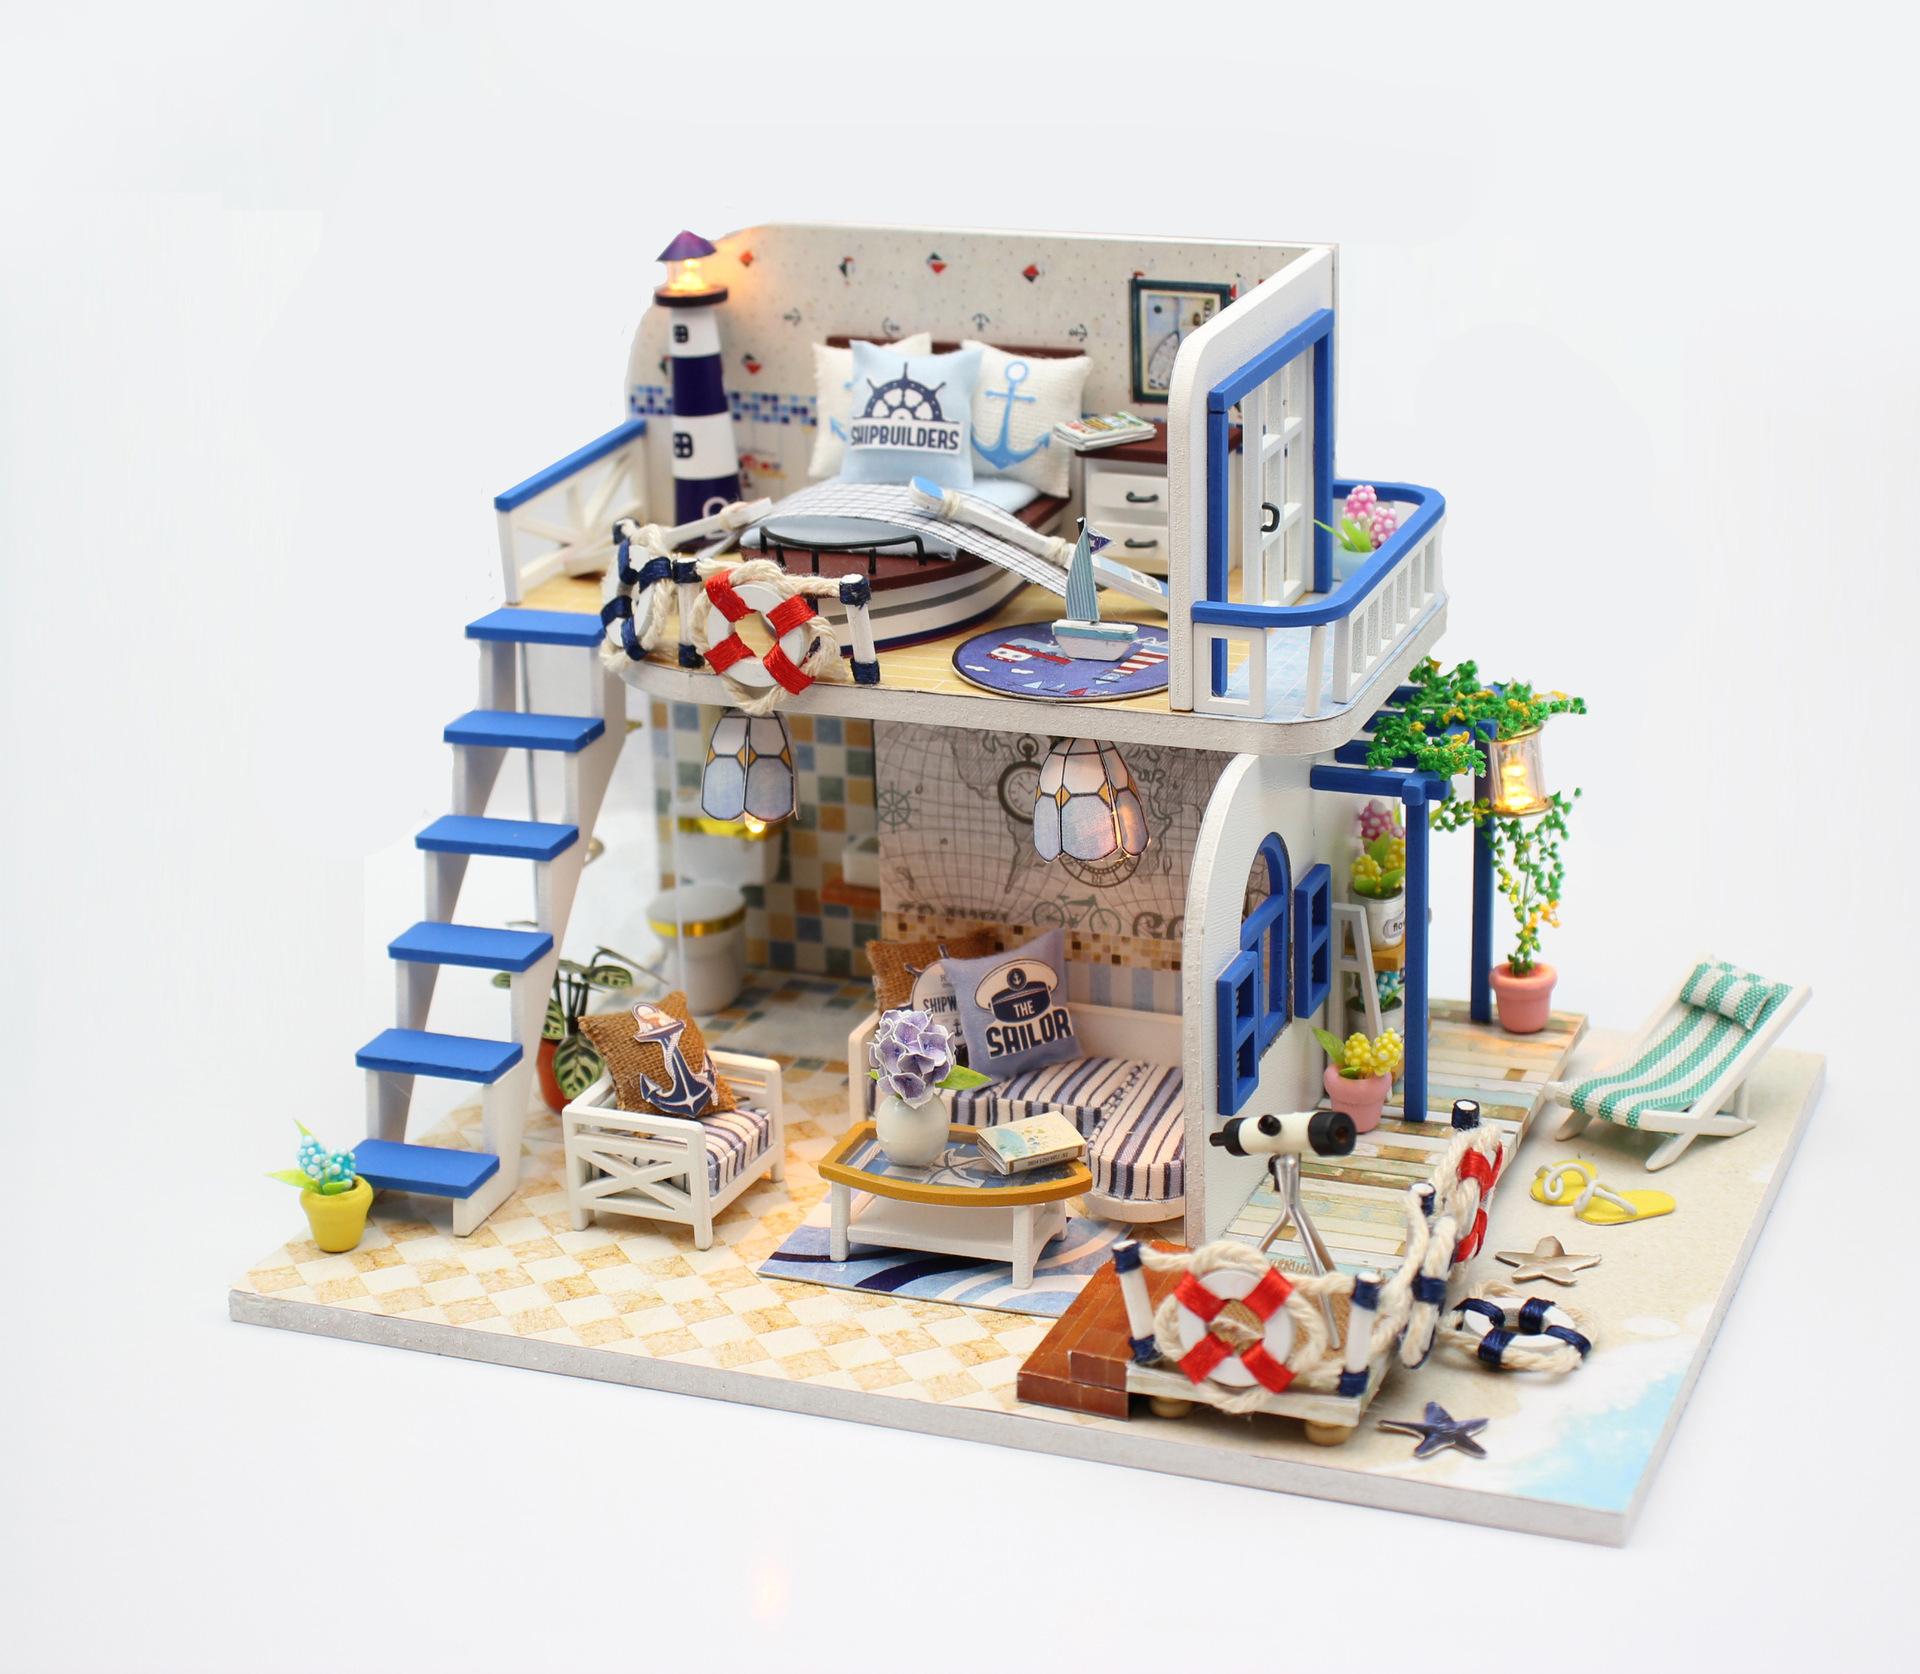 弘达DIY小屋浅蓝海岸粉黛阁楼手工拼装模型娃娃屋创意礼品包邮